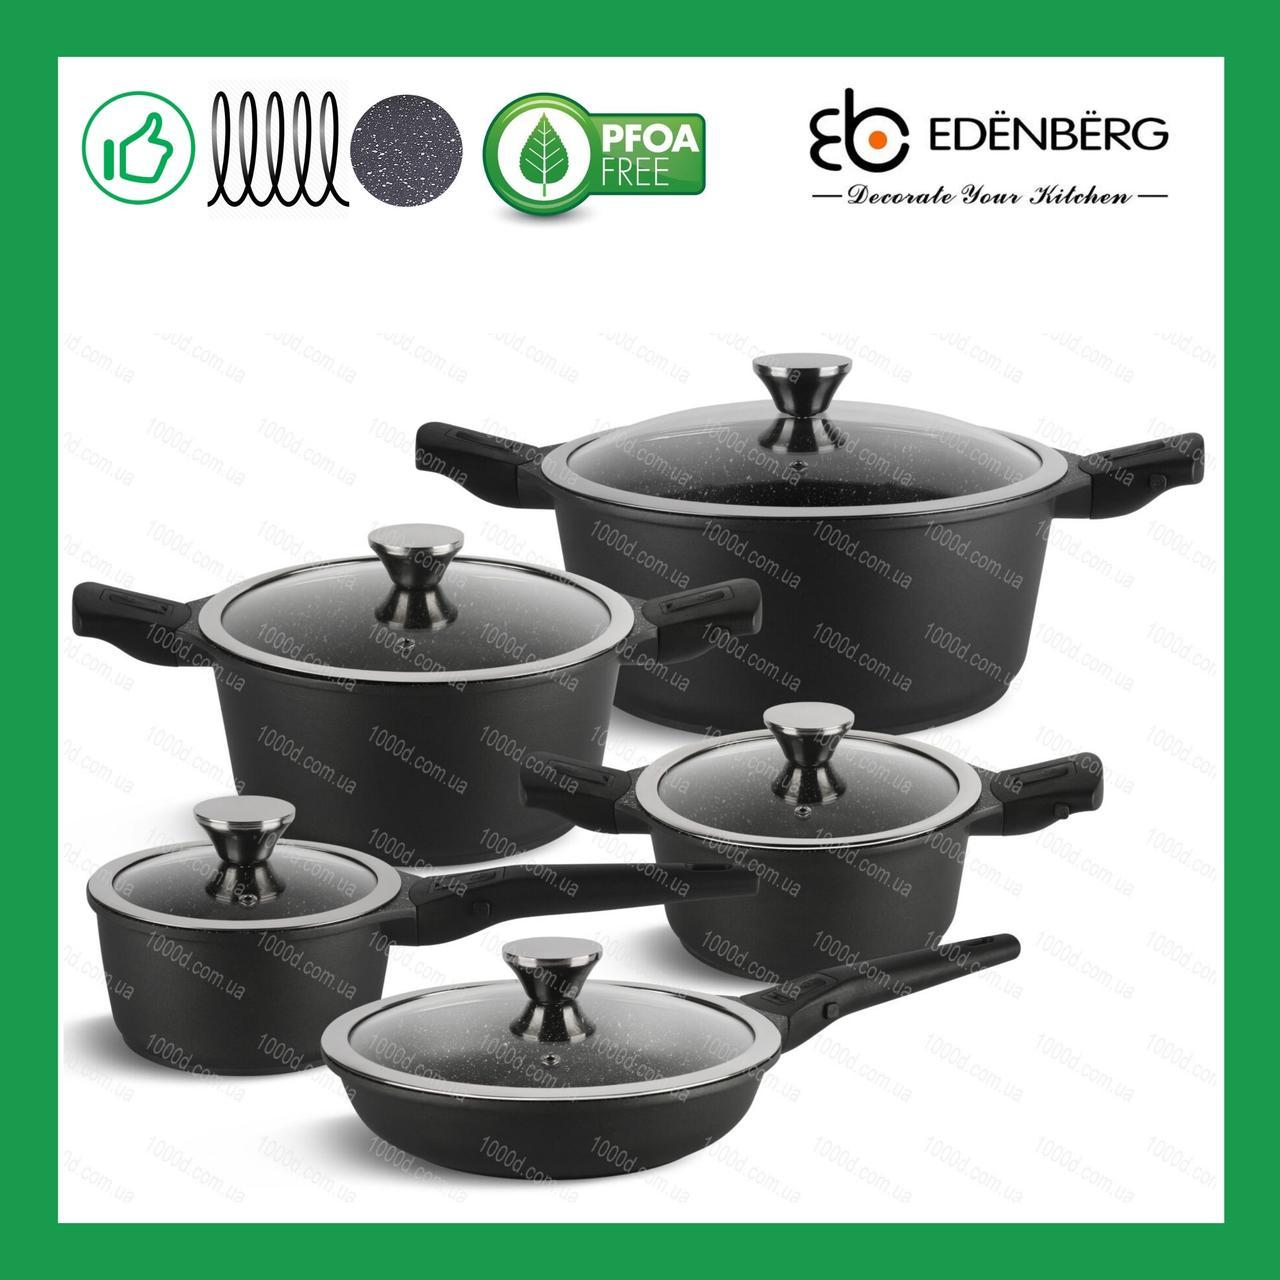 Набор посуды Edenberg со съемными ручками и мраморным антипригарным покрытием 10 предметов (EB-5632)